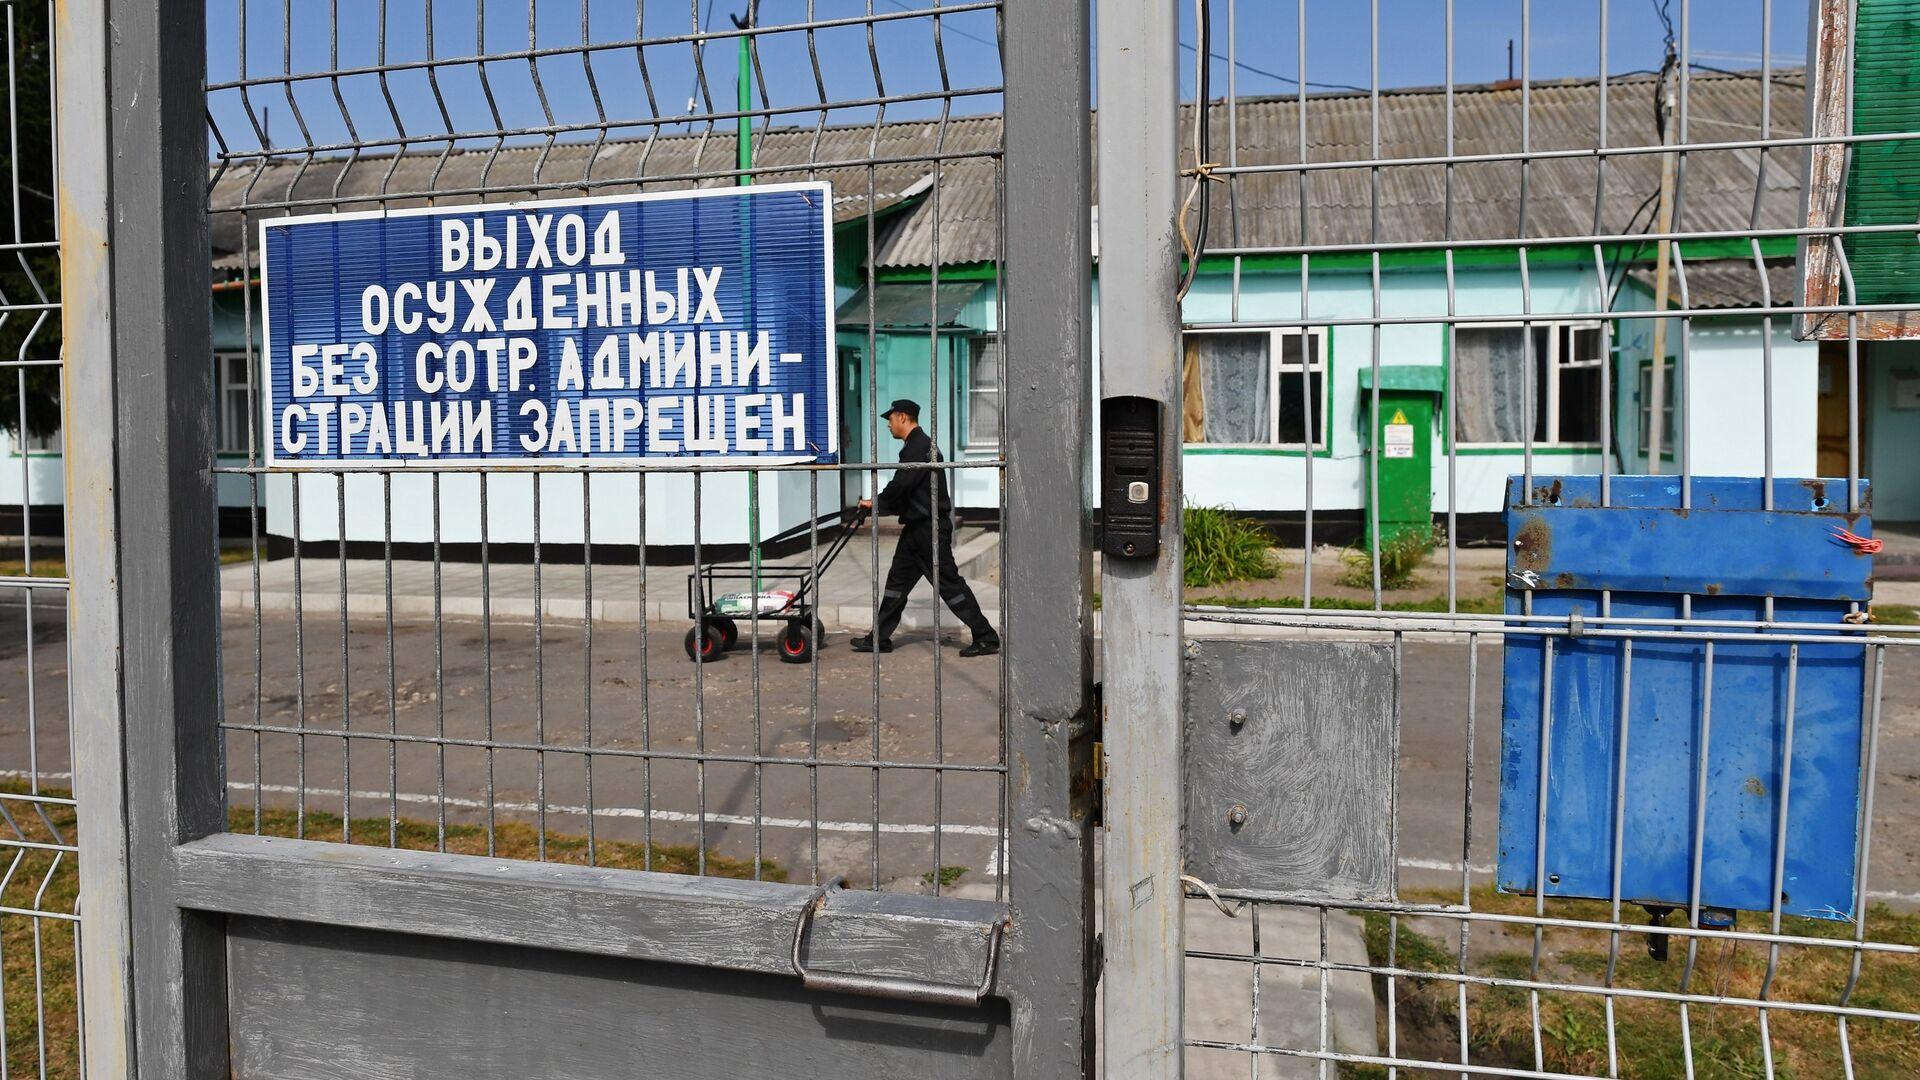 Заключенный в колонии - РИА Новости, 1920, 16.10.2020